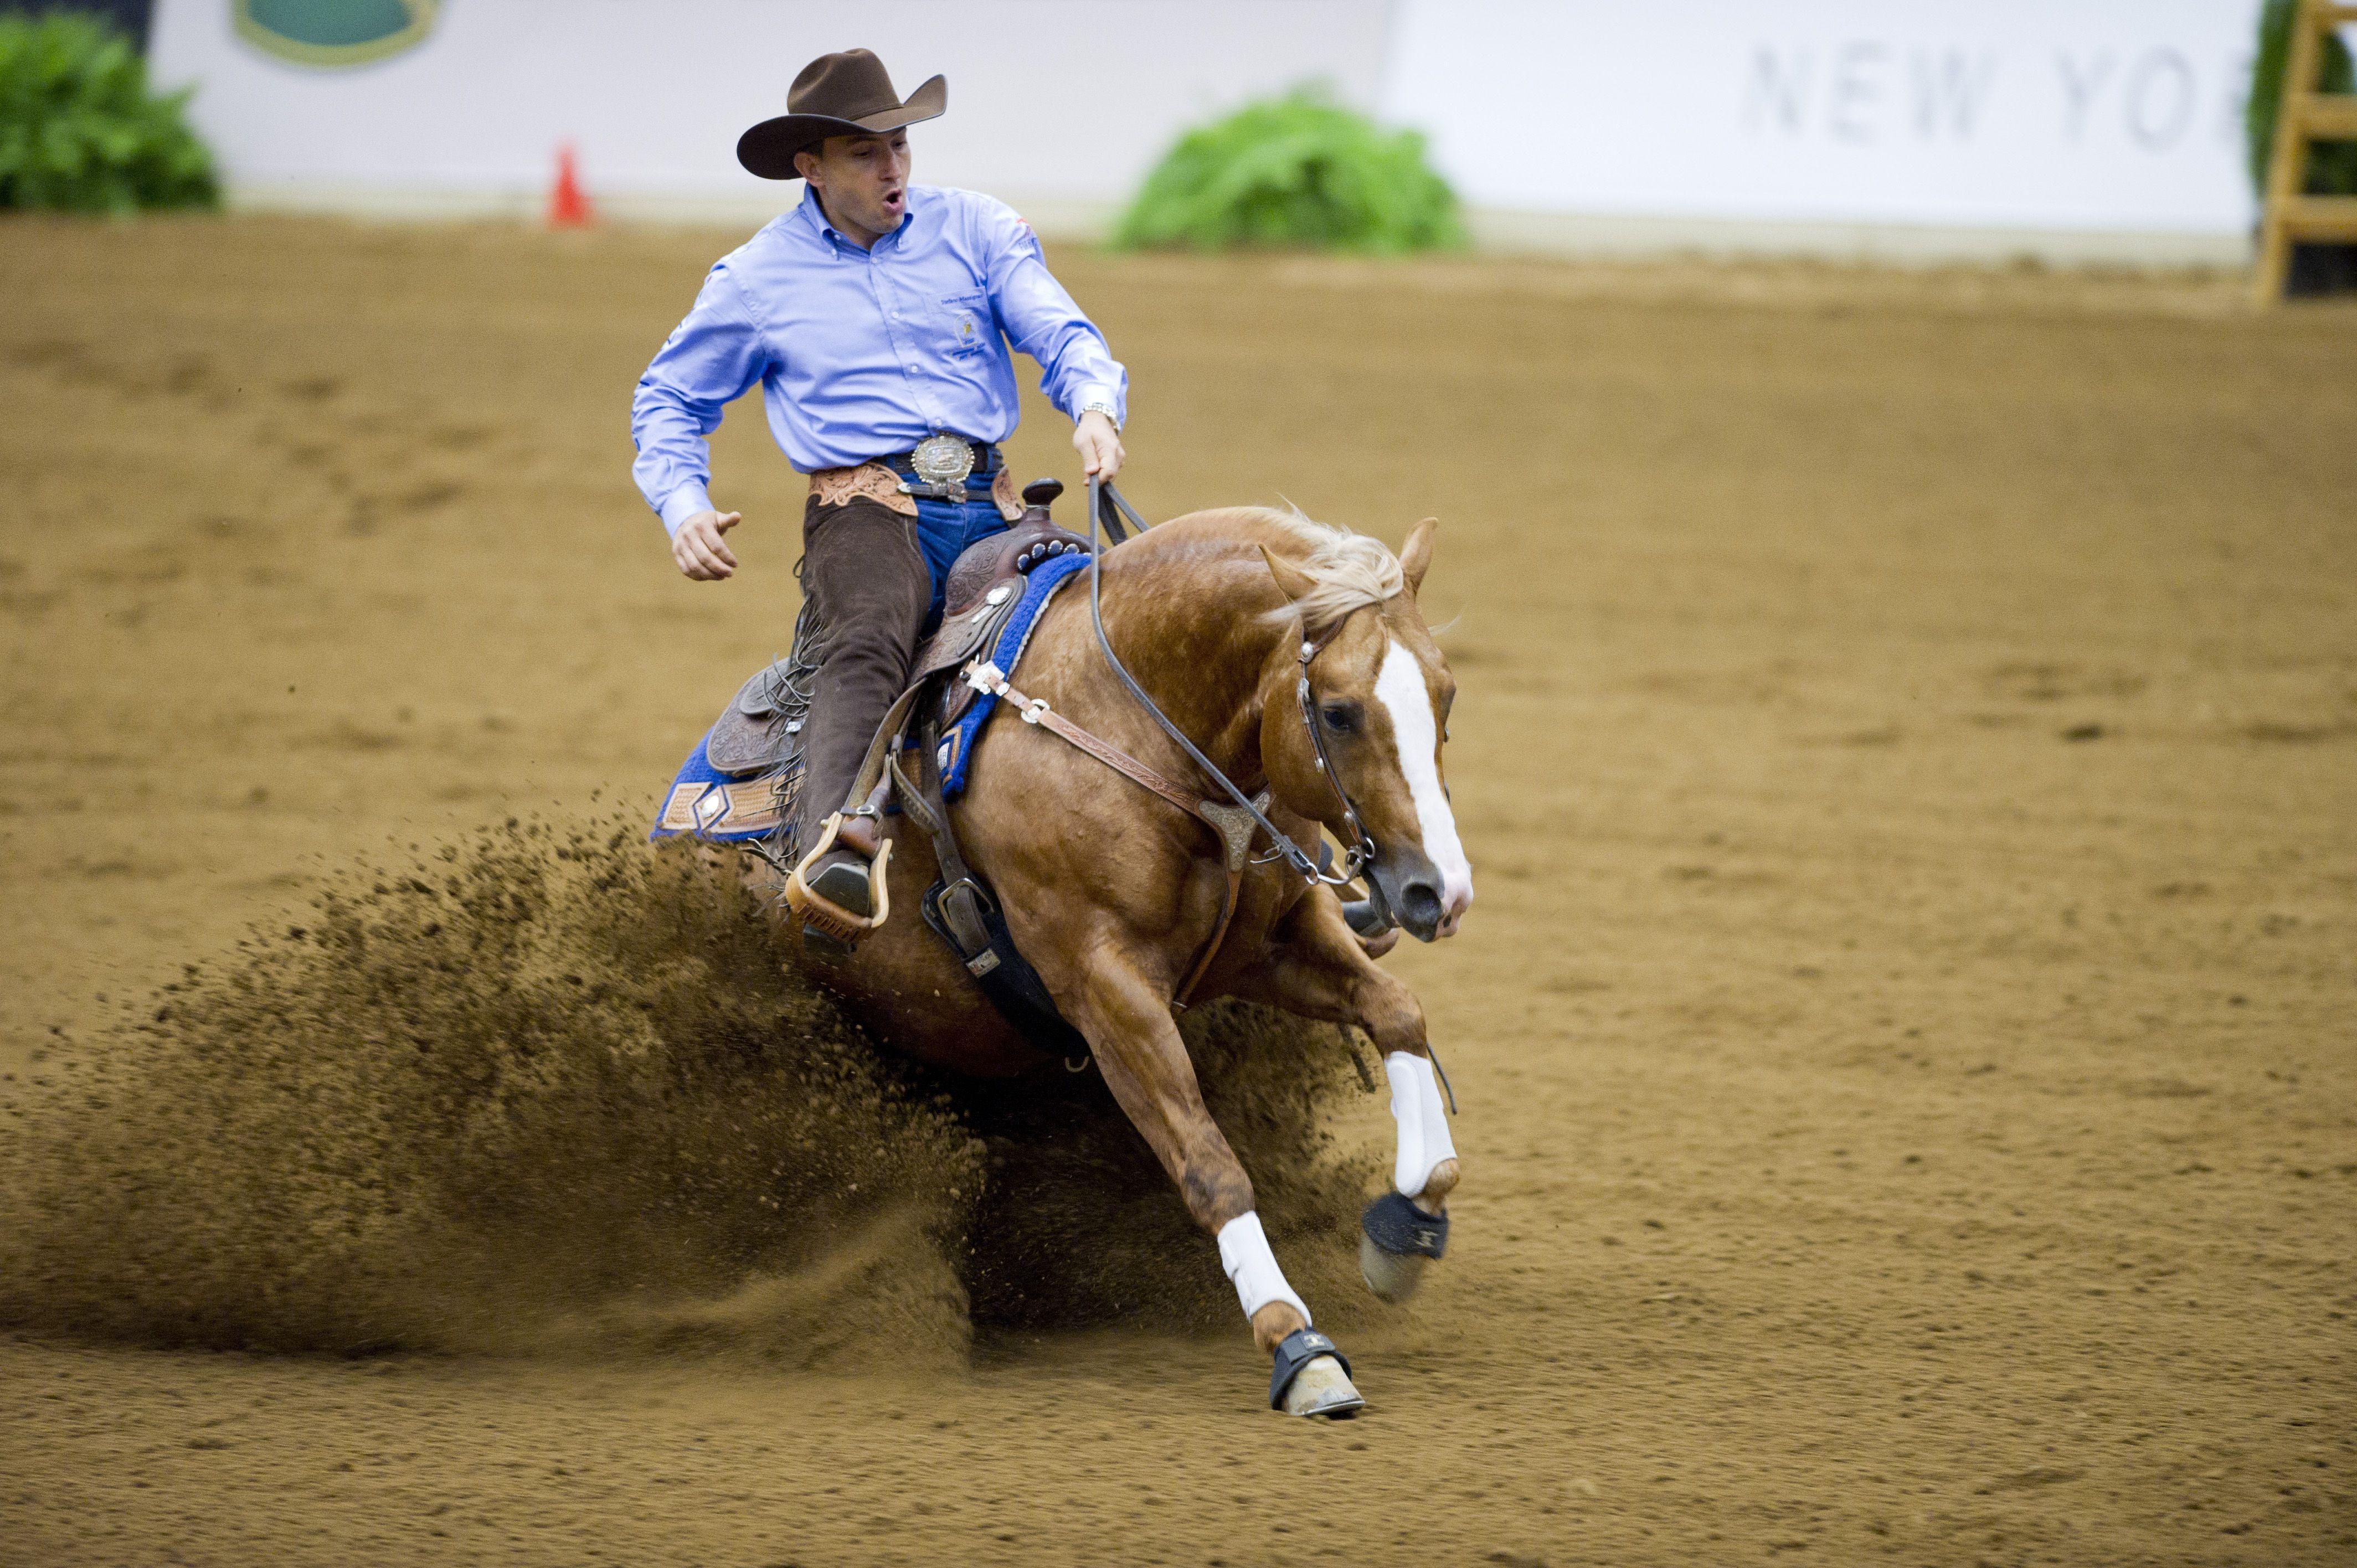 Reining. Copyright FEI / Kit Houghton Riding arena